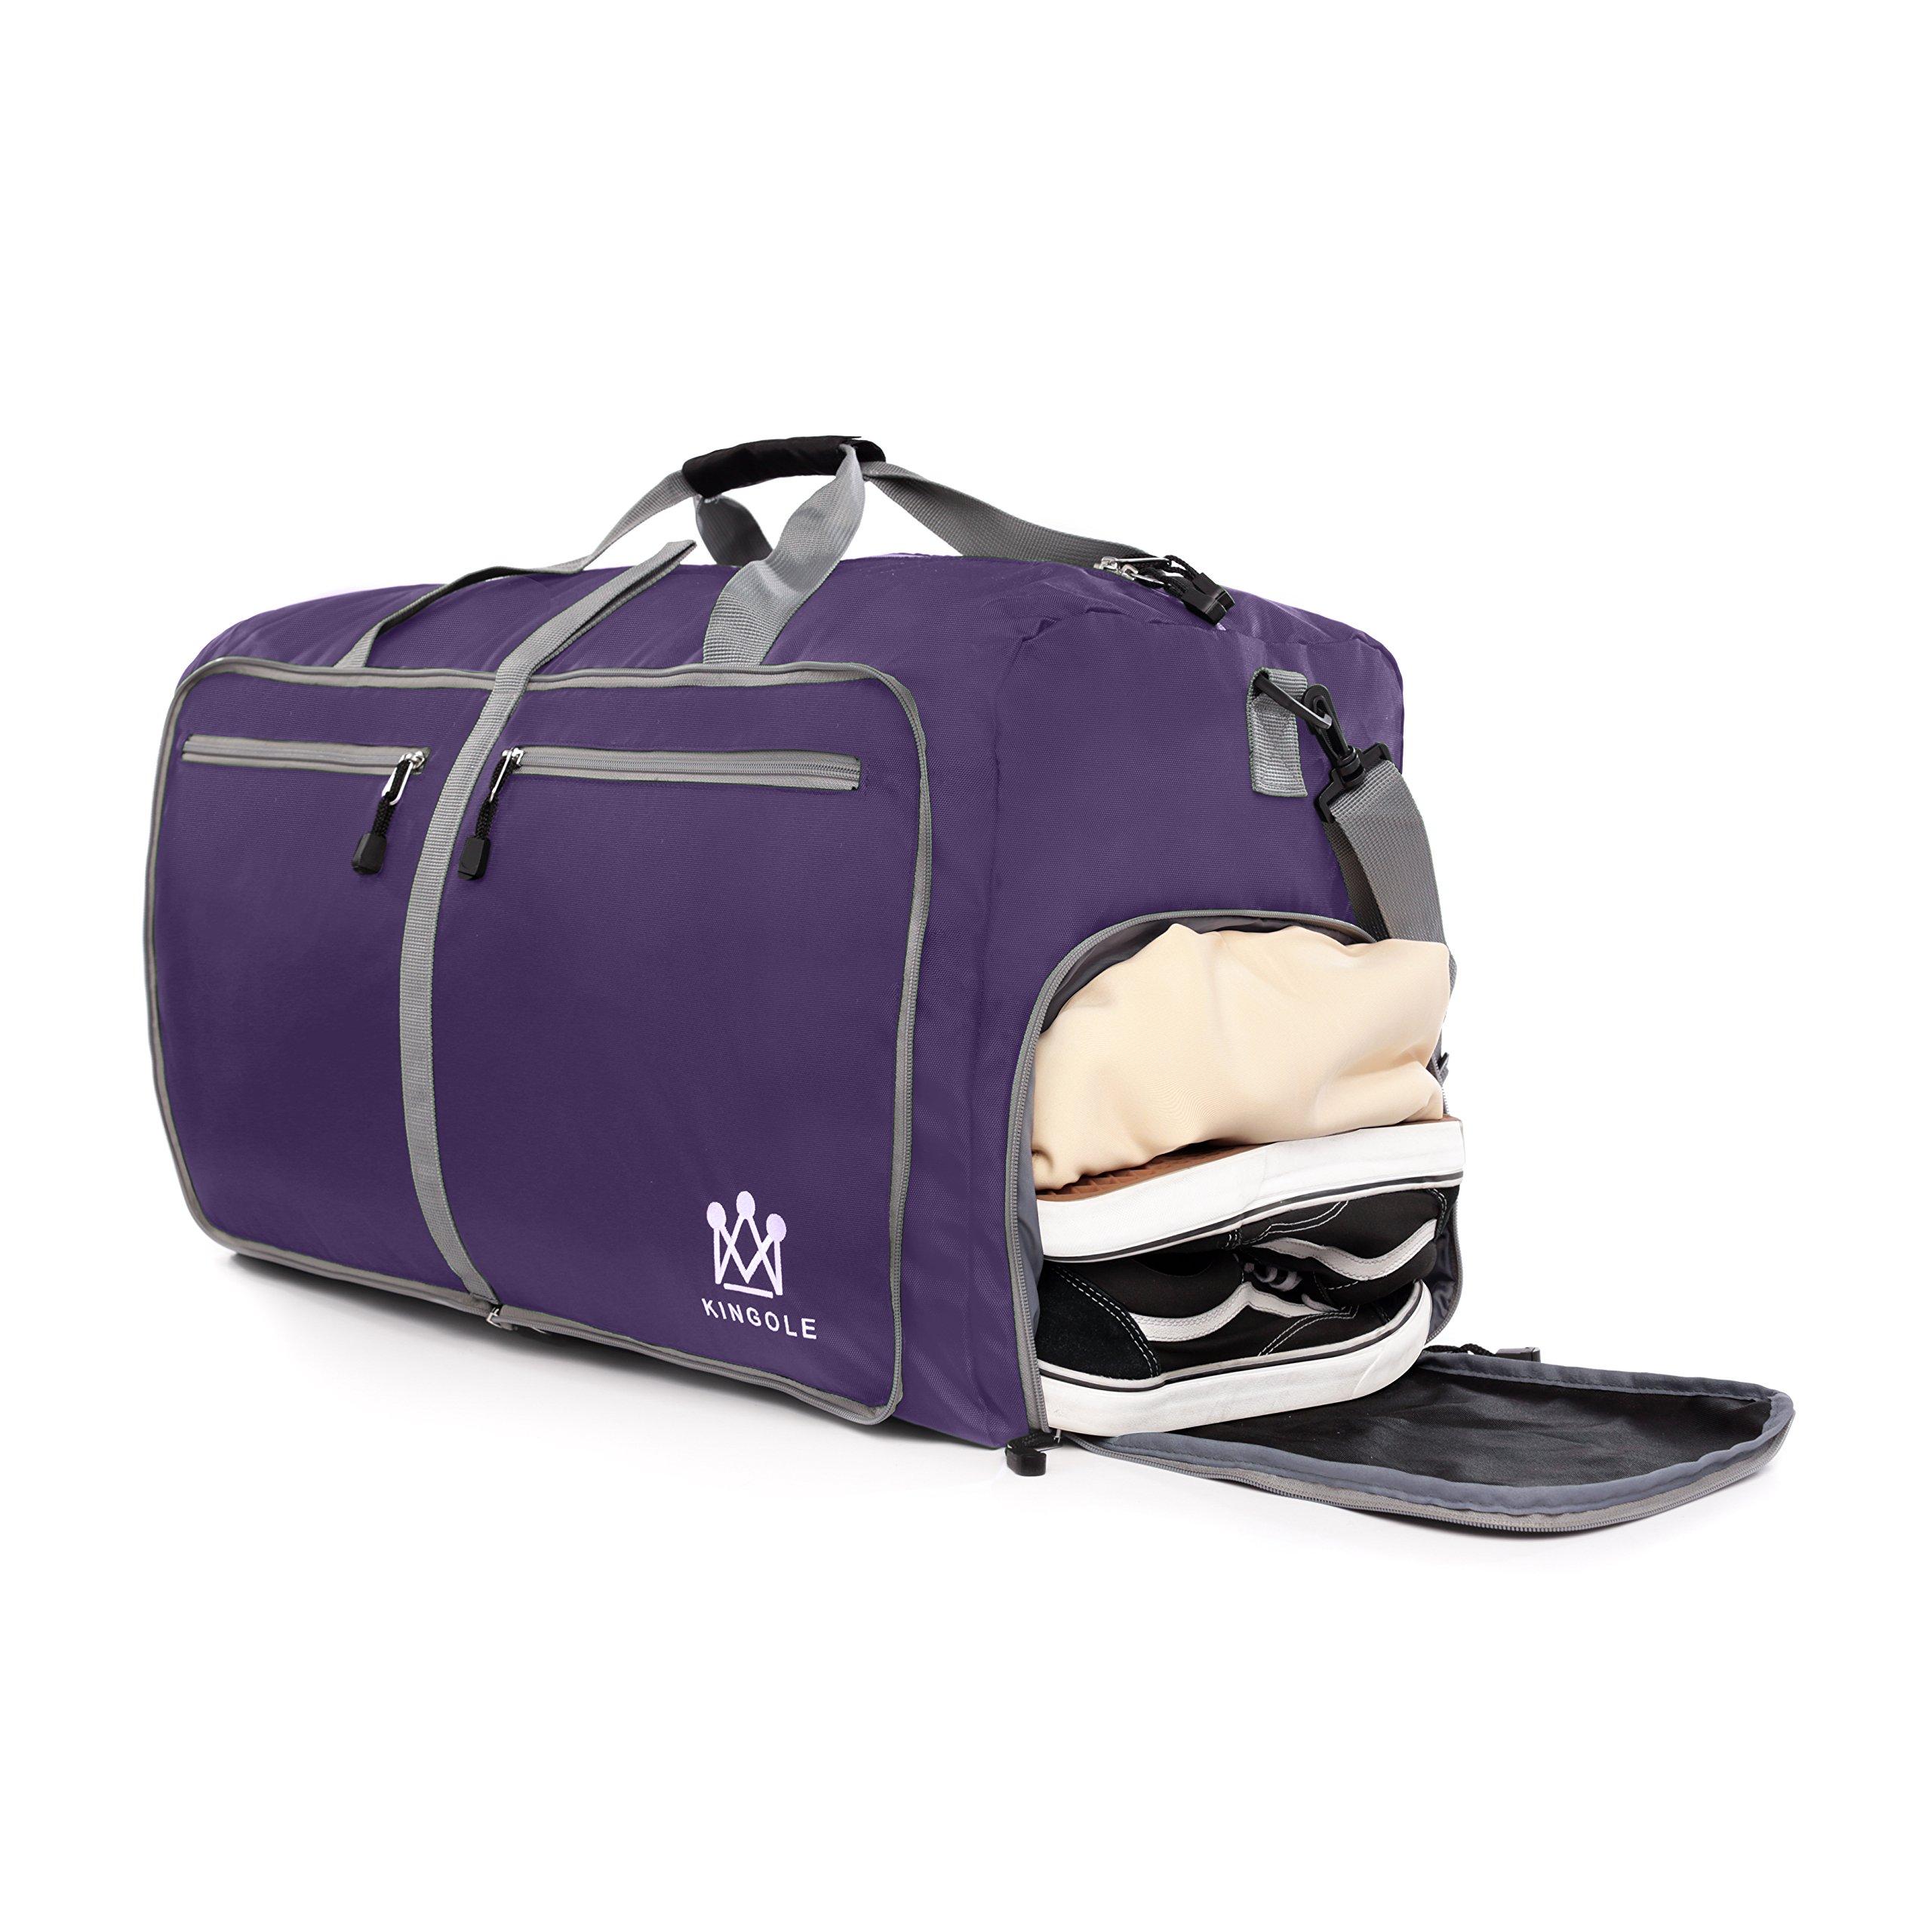 Travel Duffel Bag Foldable Lightweight For Women & Men YKK Zipper Gym Carry On 23''